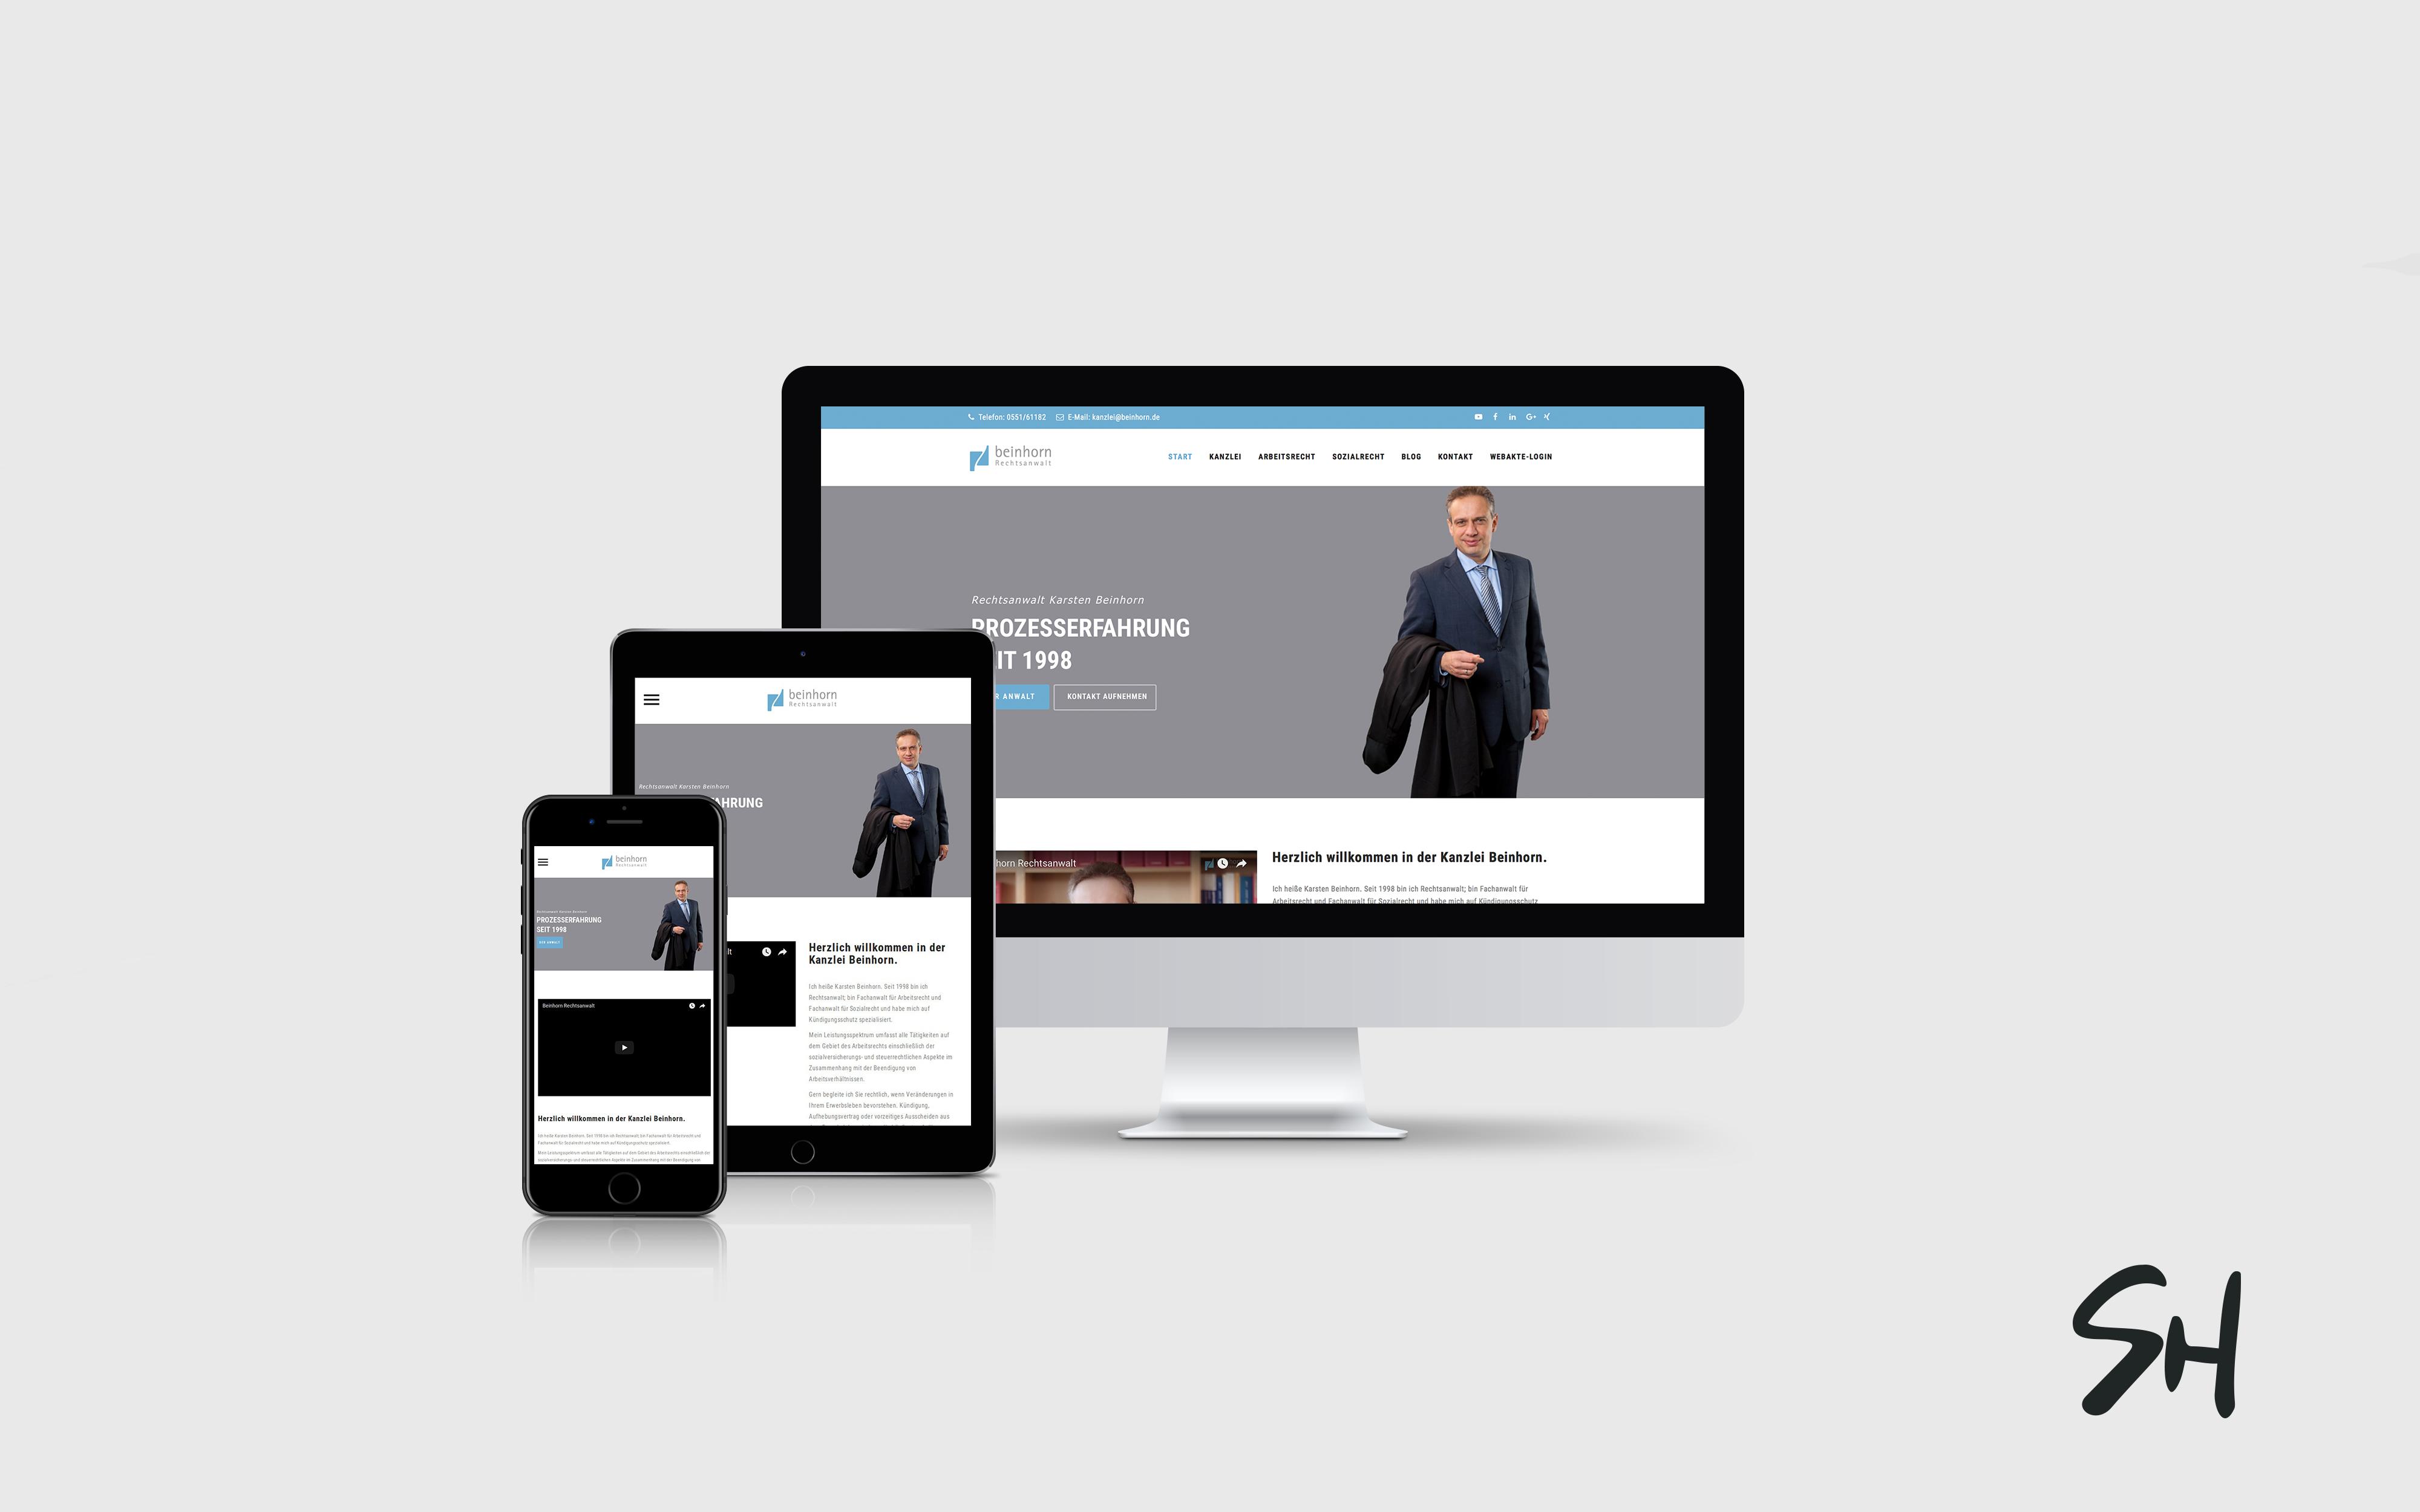 Webdesign für Beinhorn